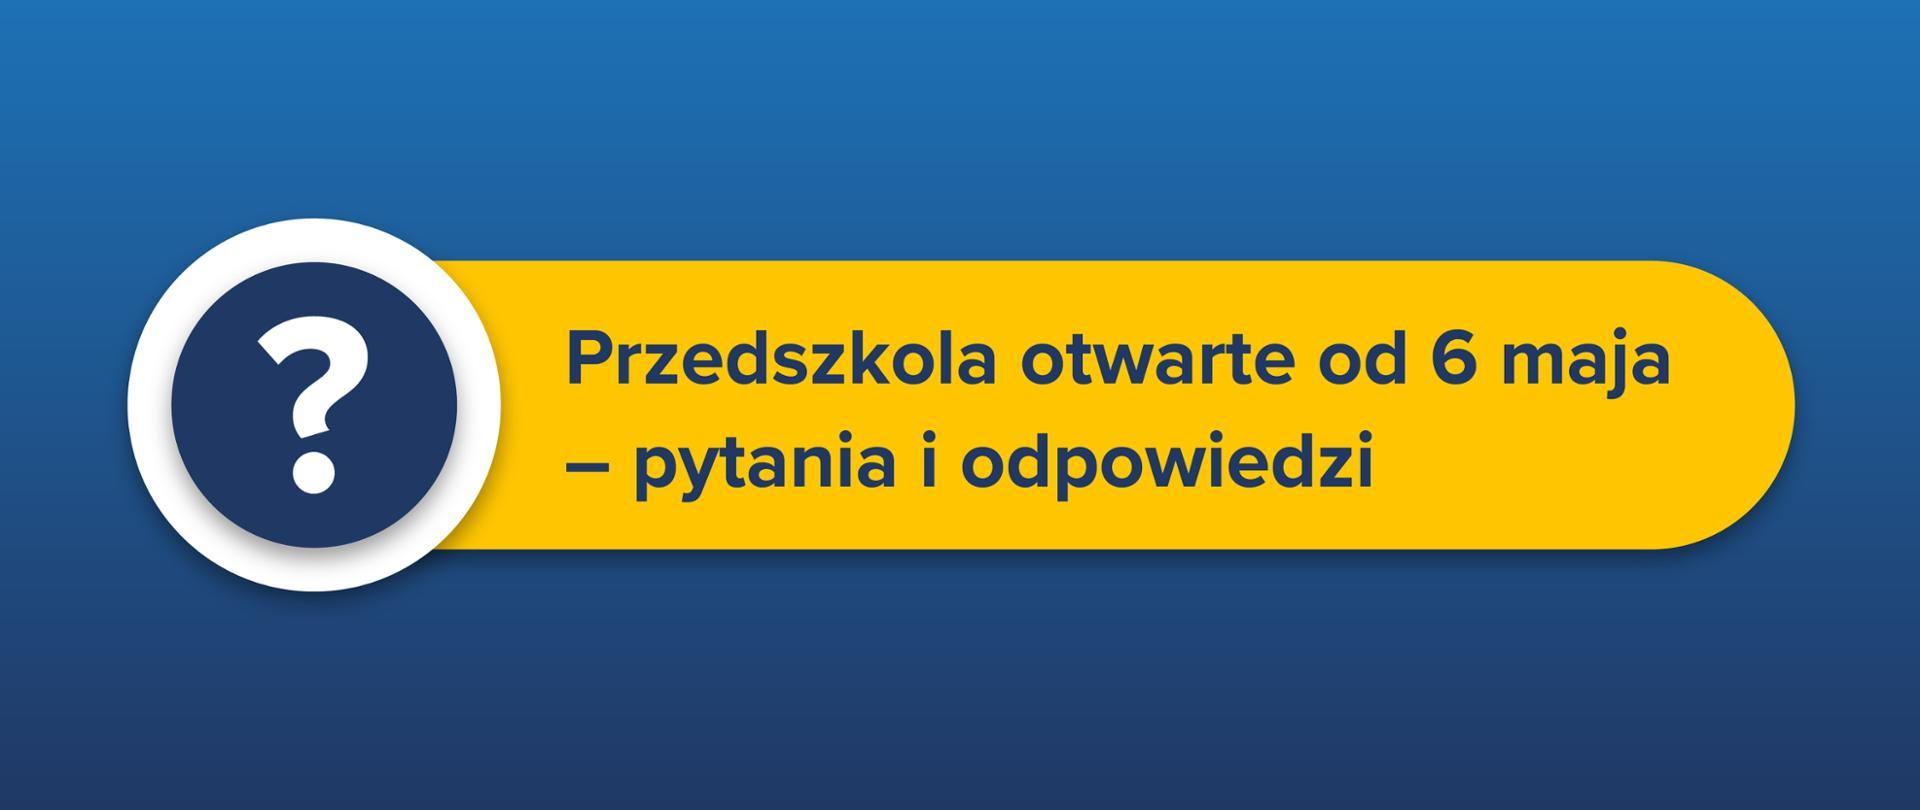 """Tekst na żółtym pasku na niebieskim tle: """"Przedszkola otwarte od 6 maja – pytania i odpowiedzi"""". Po lewo znak zapytania w niebieskim kółku."""